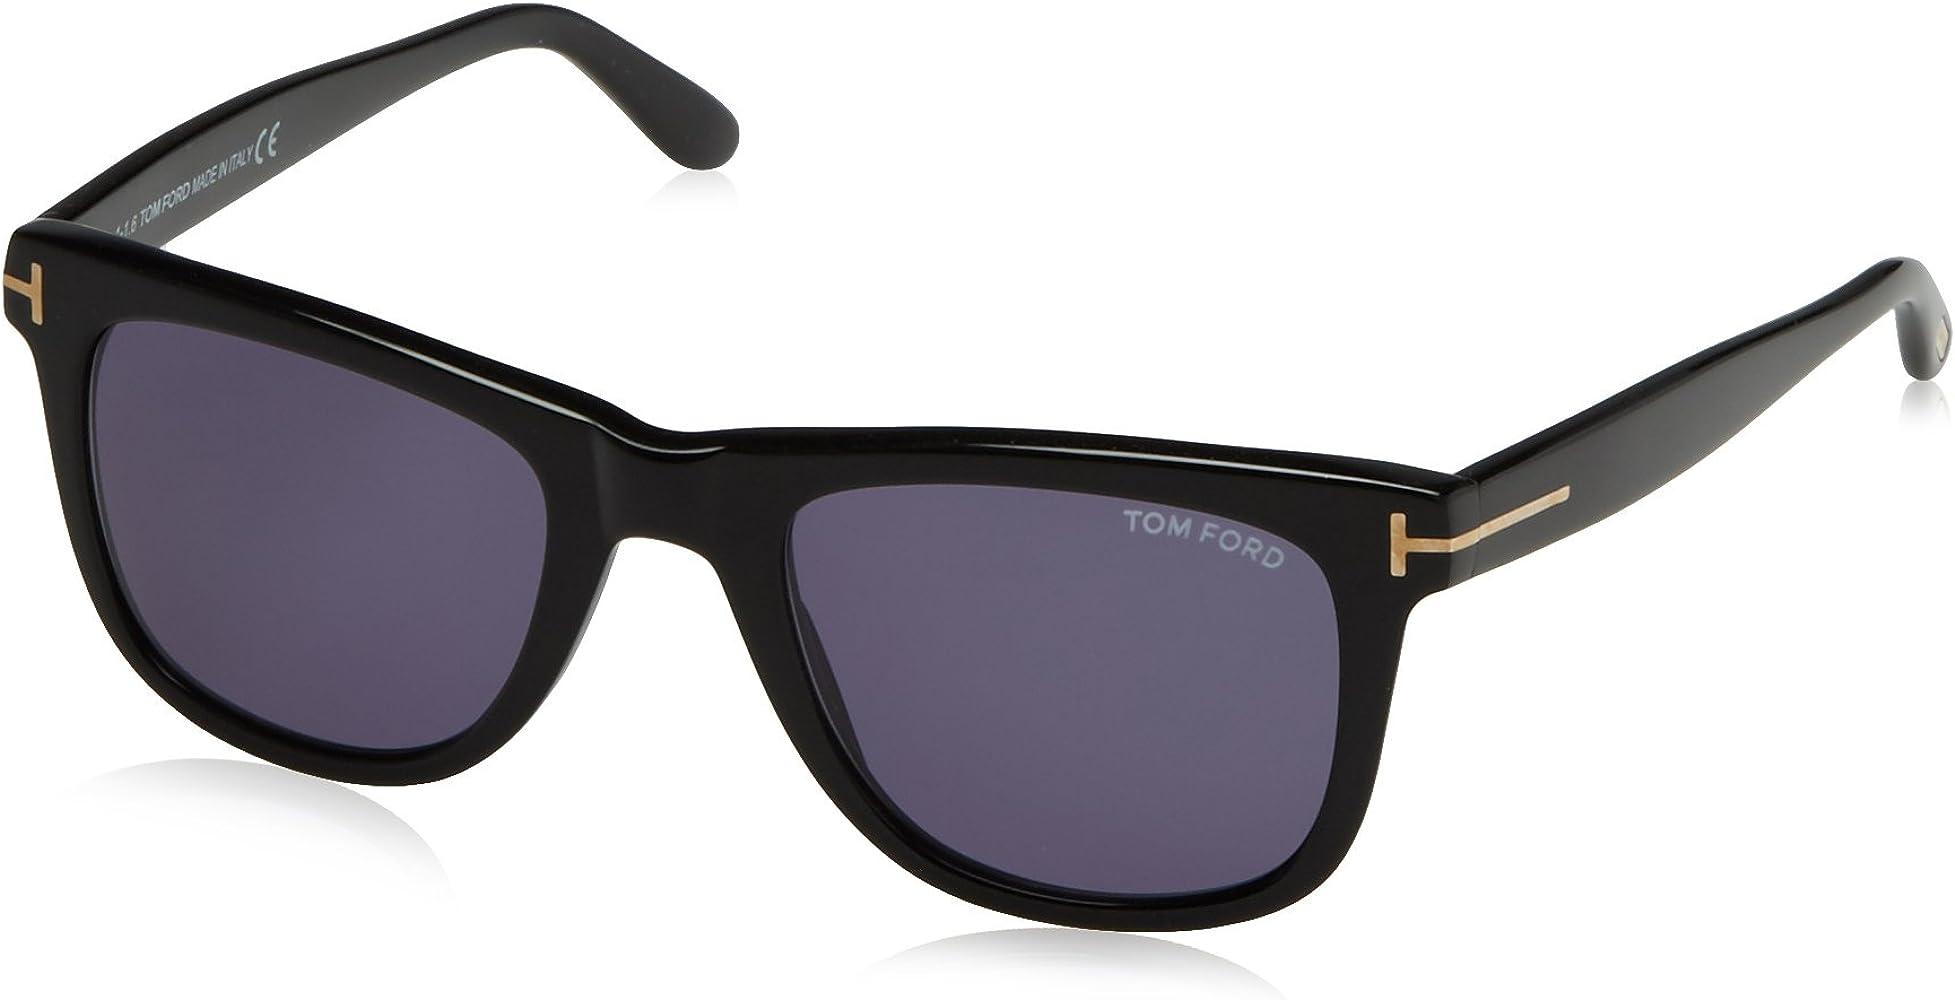 65a991824 Tom Ford Leo Tf336 Ft0336 Authentic Designer Sunglasses 01v Shiny Blk  Glasses